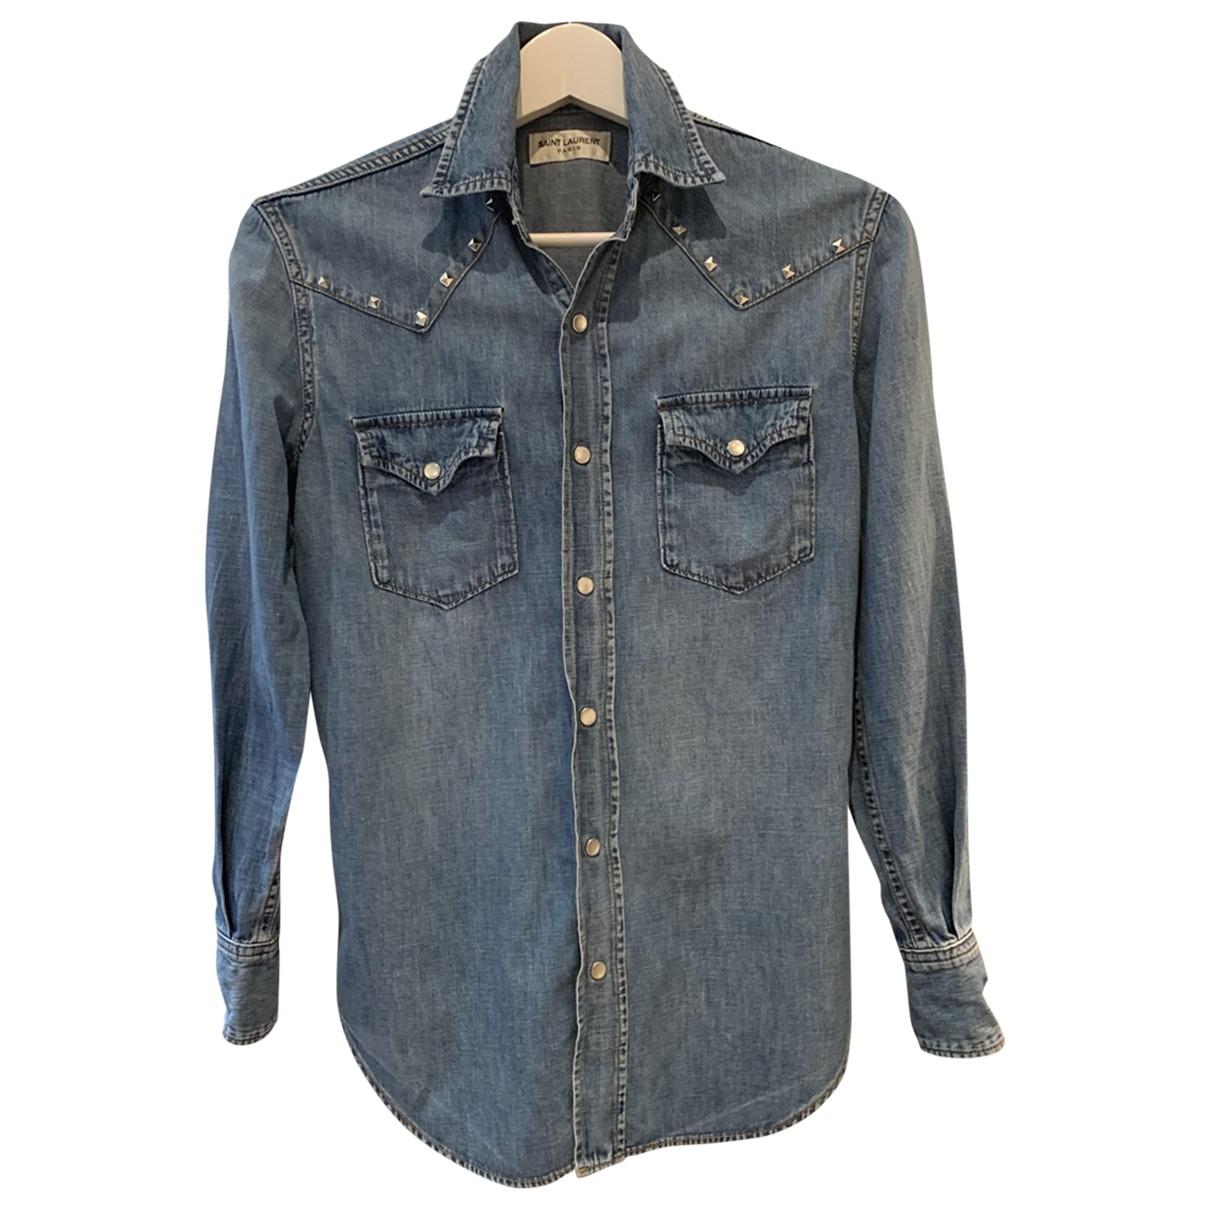 Saint Laurent \N Blue Denim - Jeans  top for Women 36 FR